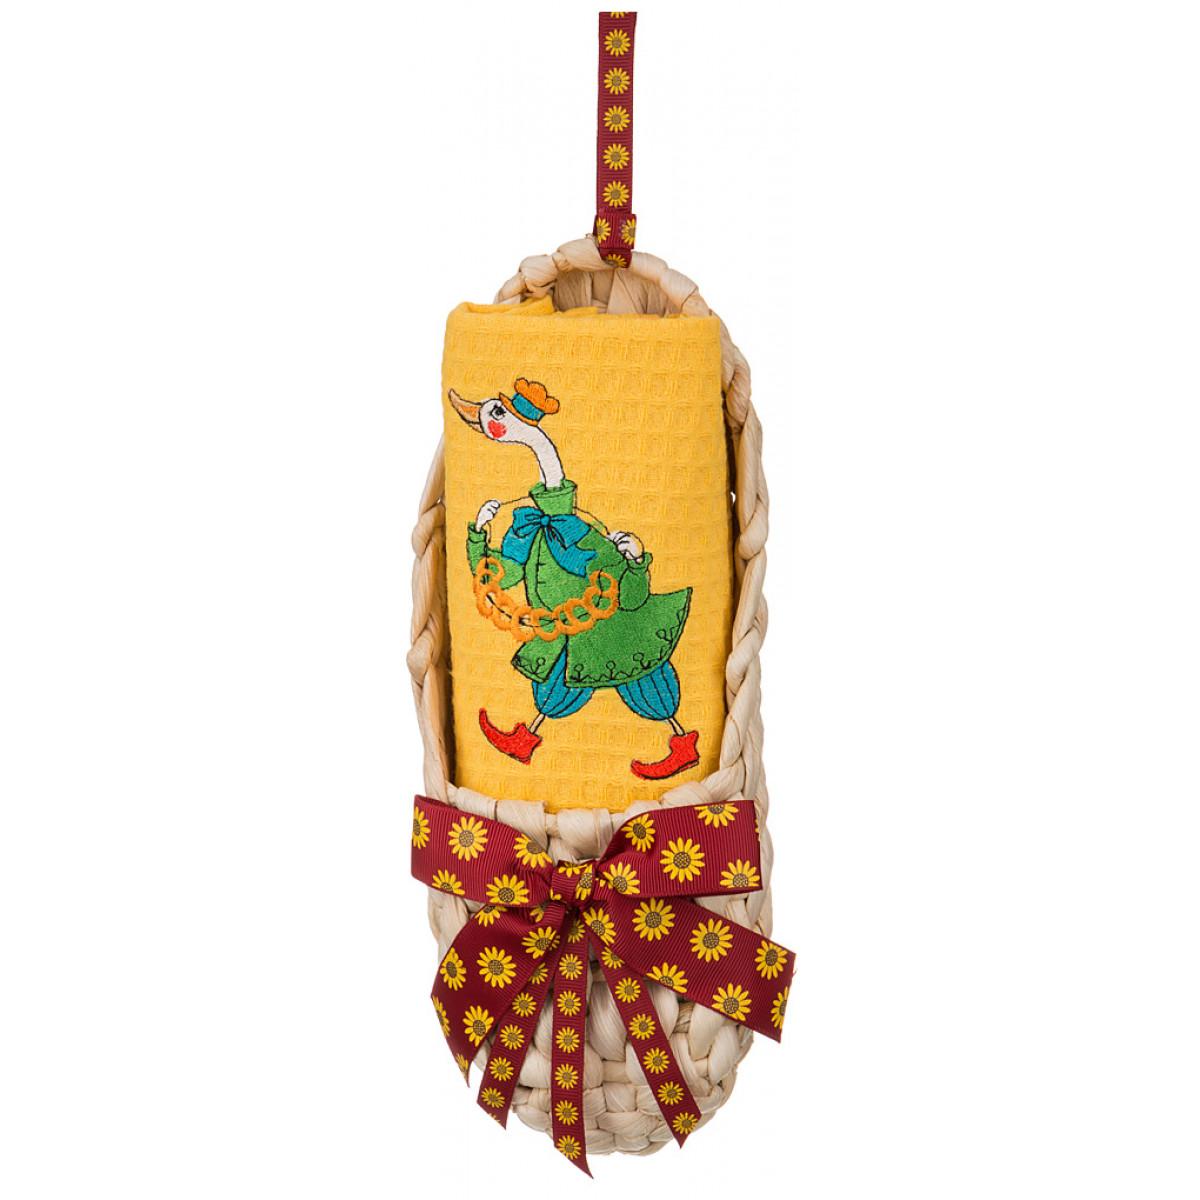 Купить Полотенца Santalino, Кухонный набор Dervla, Россия, Желтый, Вафля